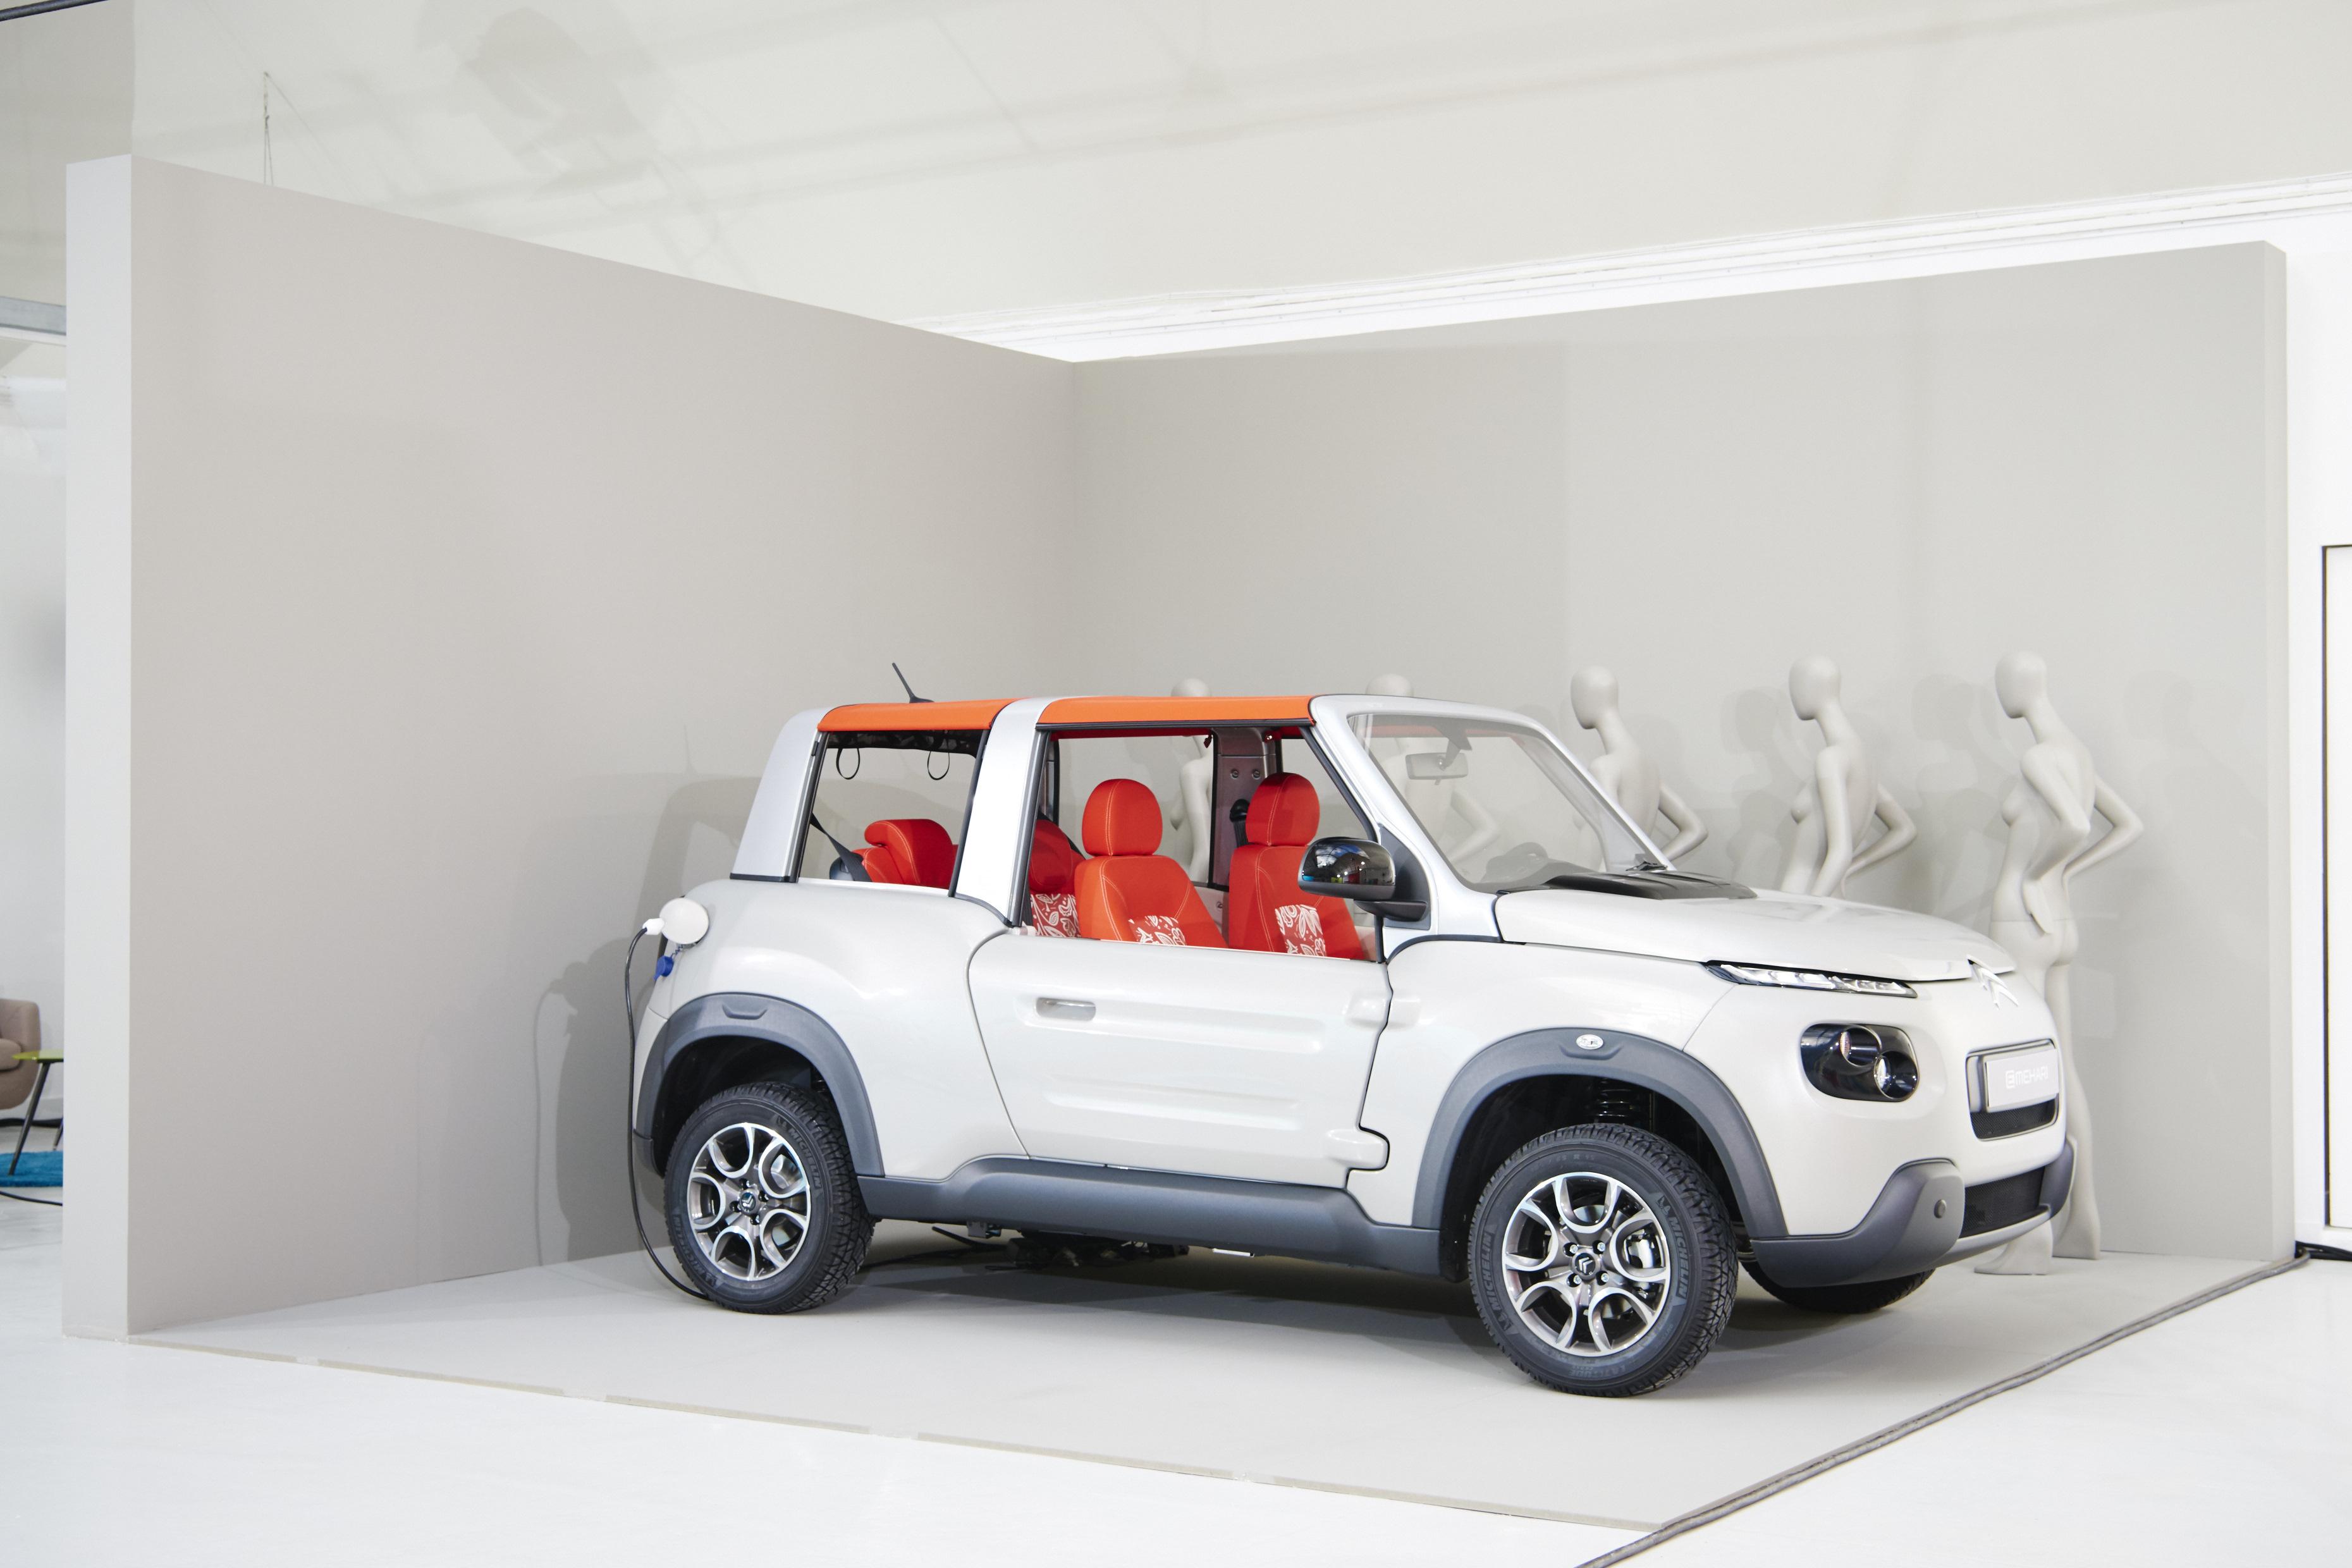 citro n e mehari shooting photo lifestyle avant gen ve les voitures. Black Bedroom Furniture Sets. Home Design Ideas